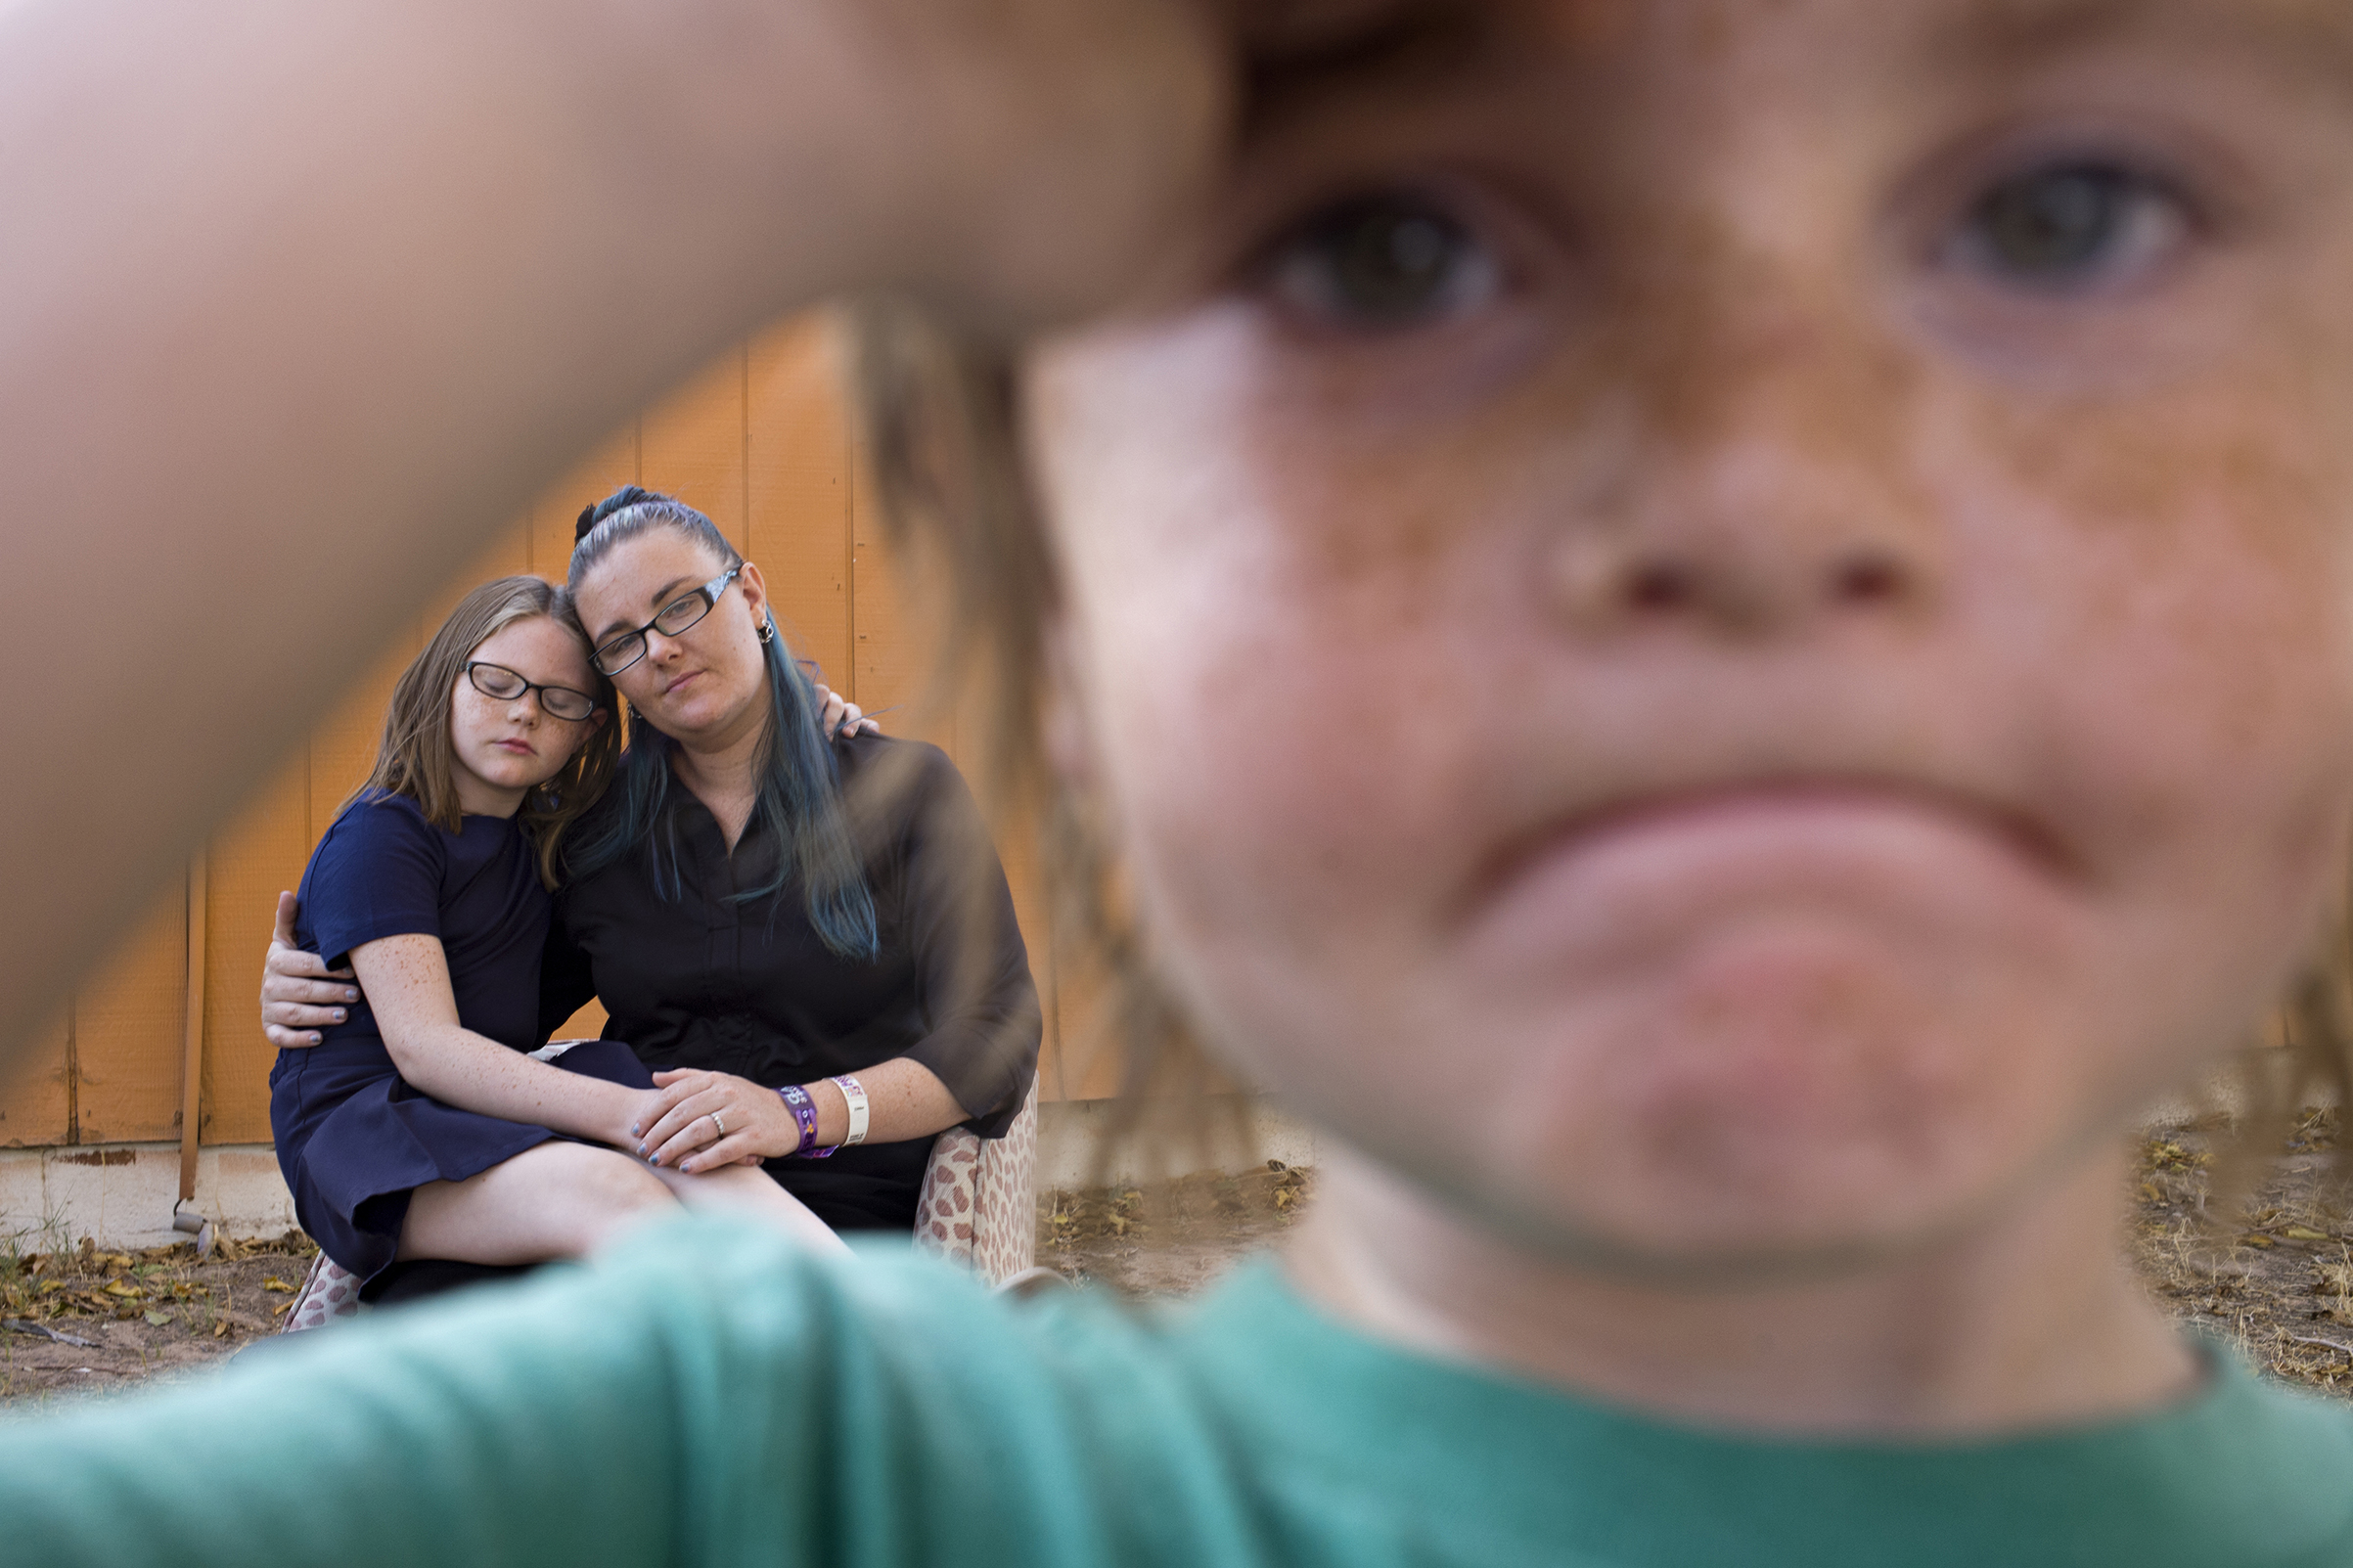 Doris Huser with her children Cordelia and Aden, survivors of the mass shooting, Las Vegas, Oct. 4, 2017.